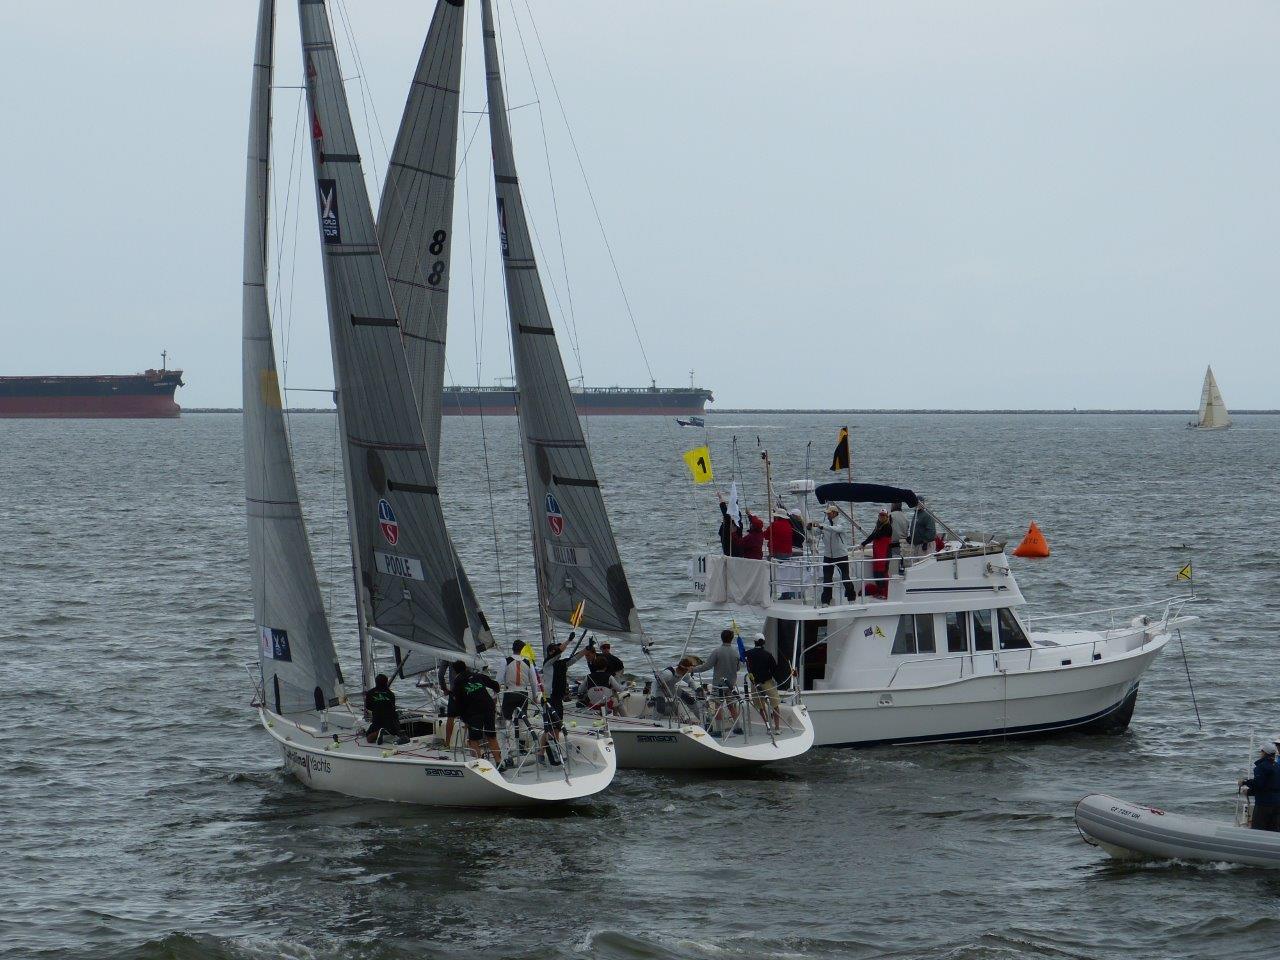 Poole, Killian, RC boat